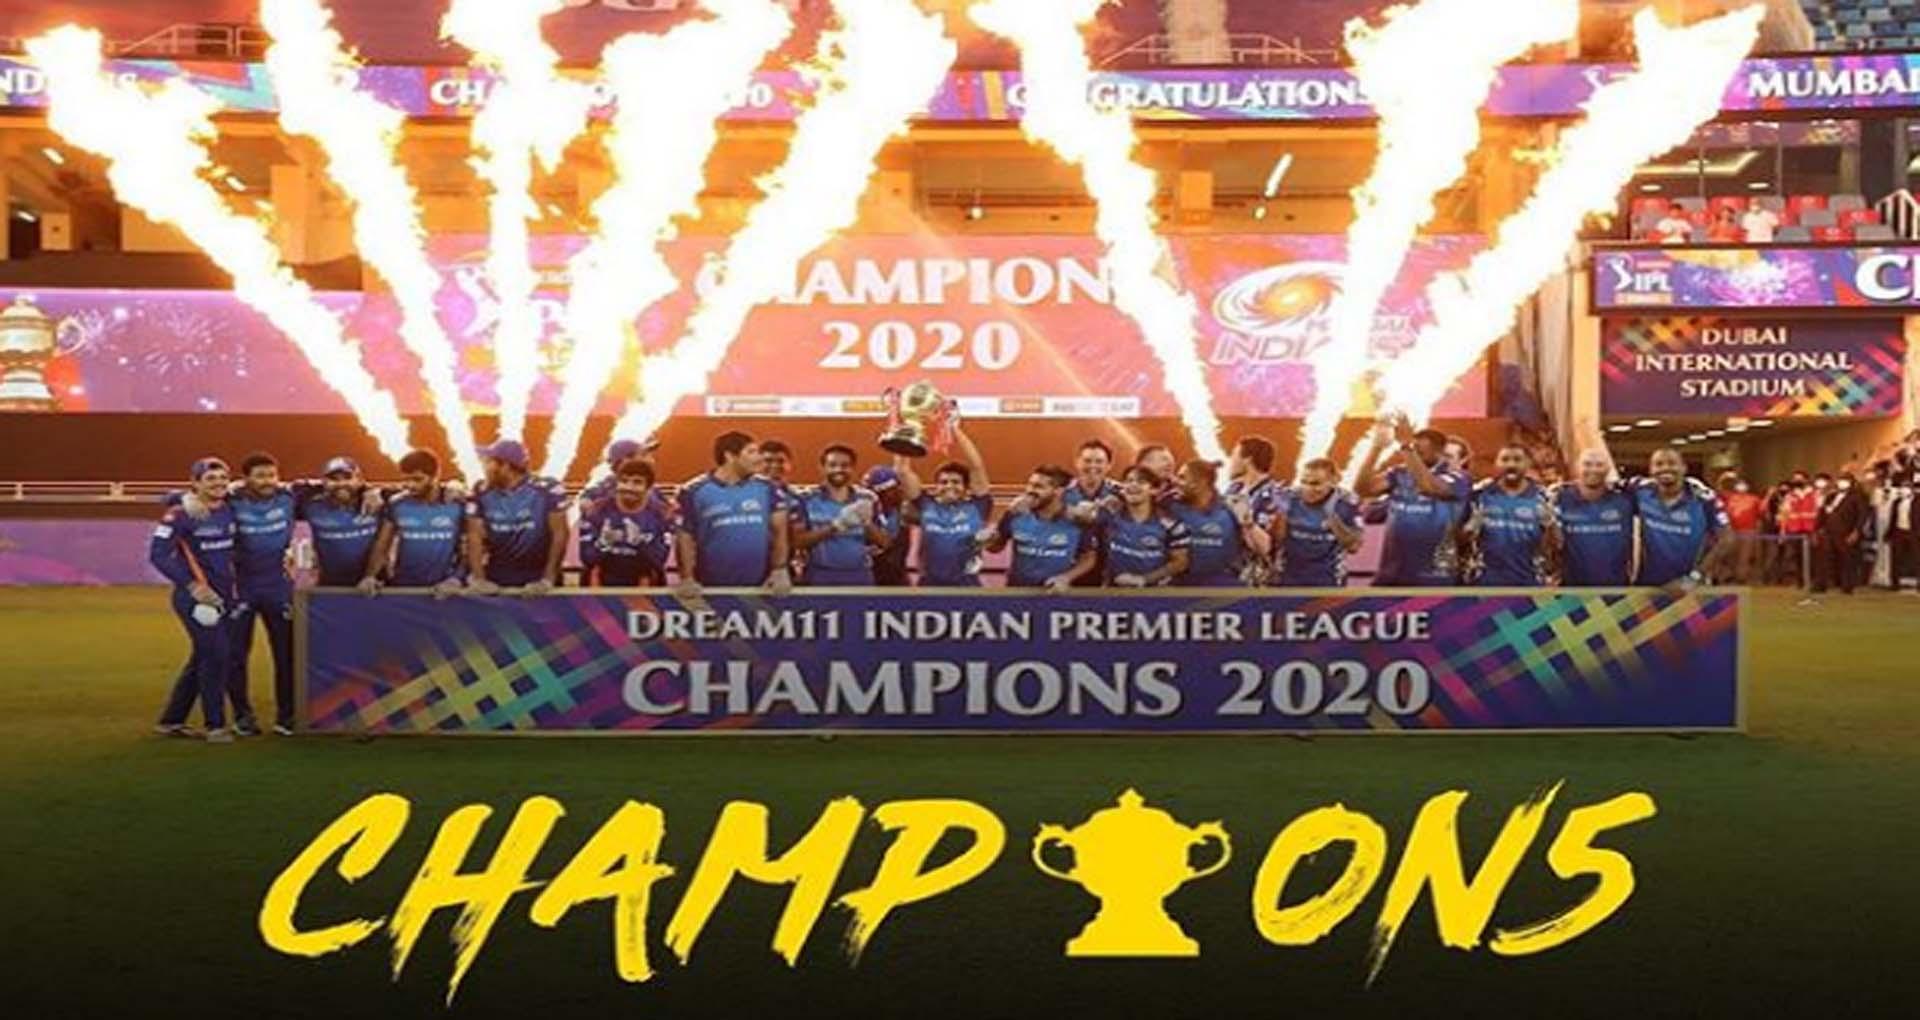 IPL 2020: मुंबई इंडियंस बनी चैम्पियन, दिल्ली कैपिटल्स को किया चित, देखें IPL चैम्पियंस की लिस्ट